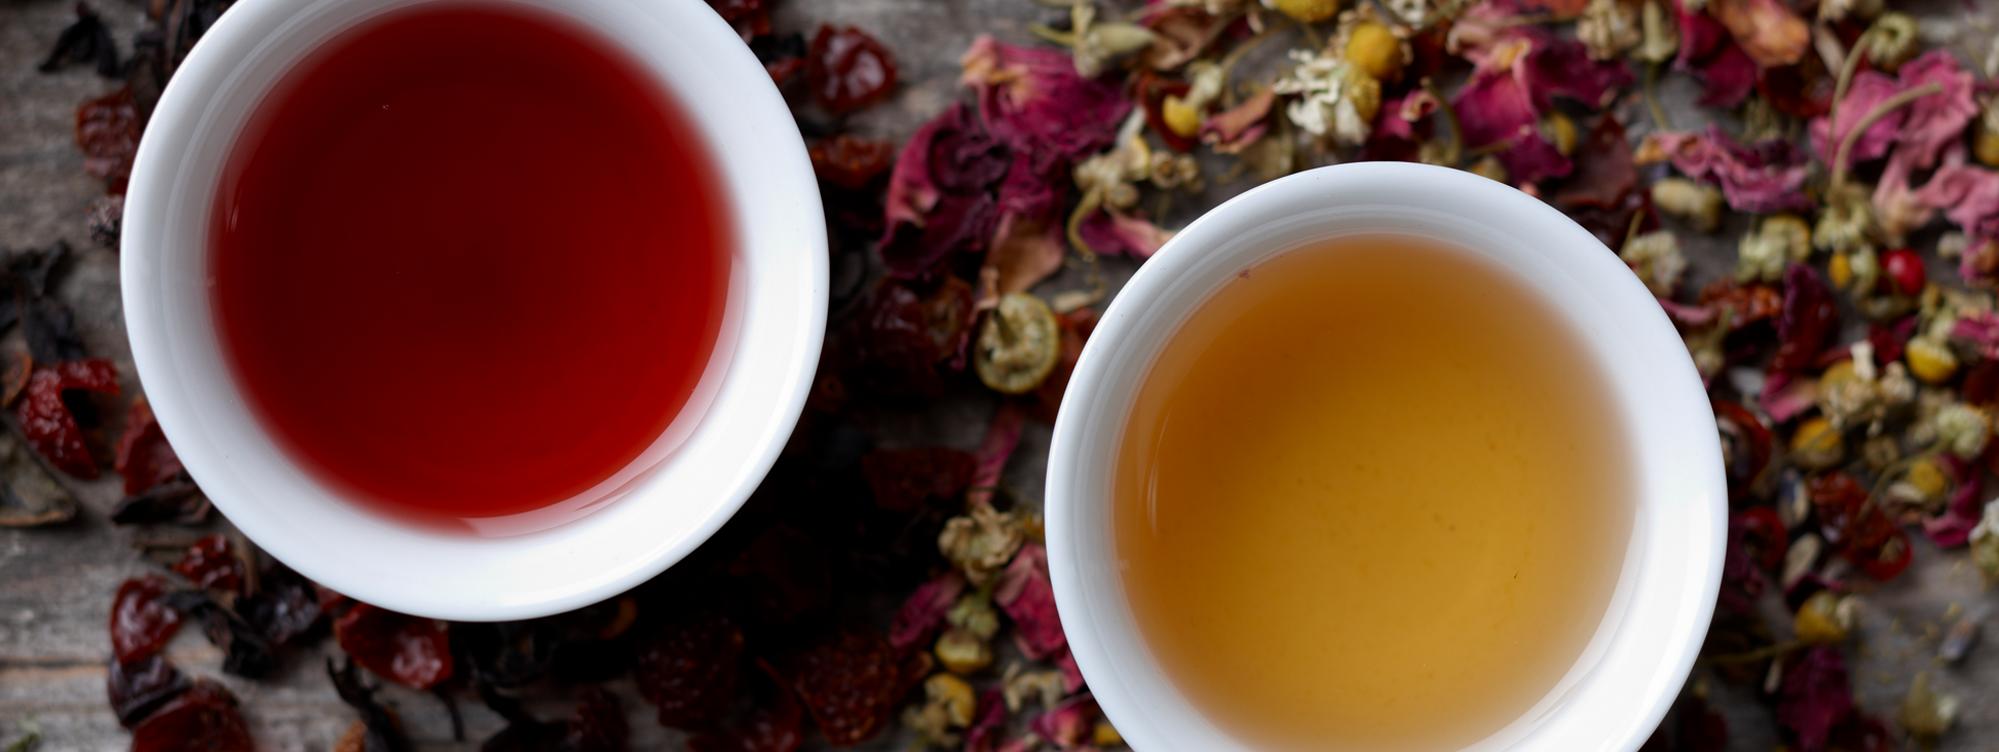 قیمت خرید و فروش چای